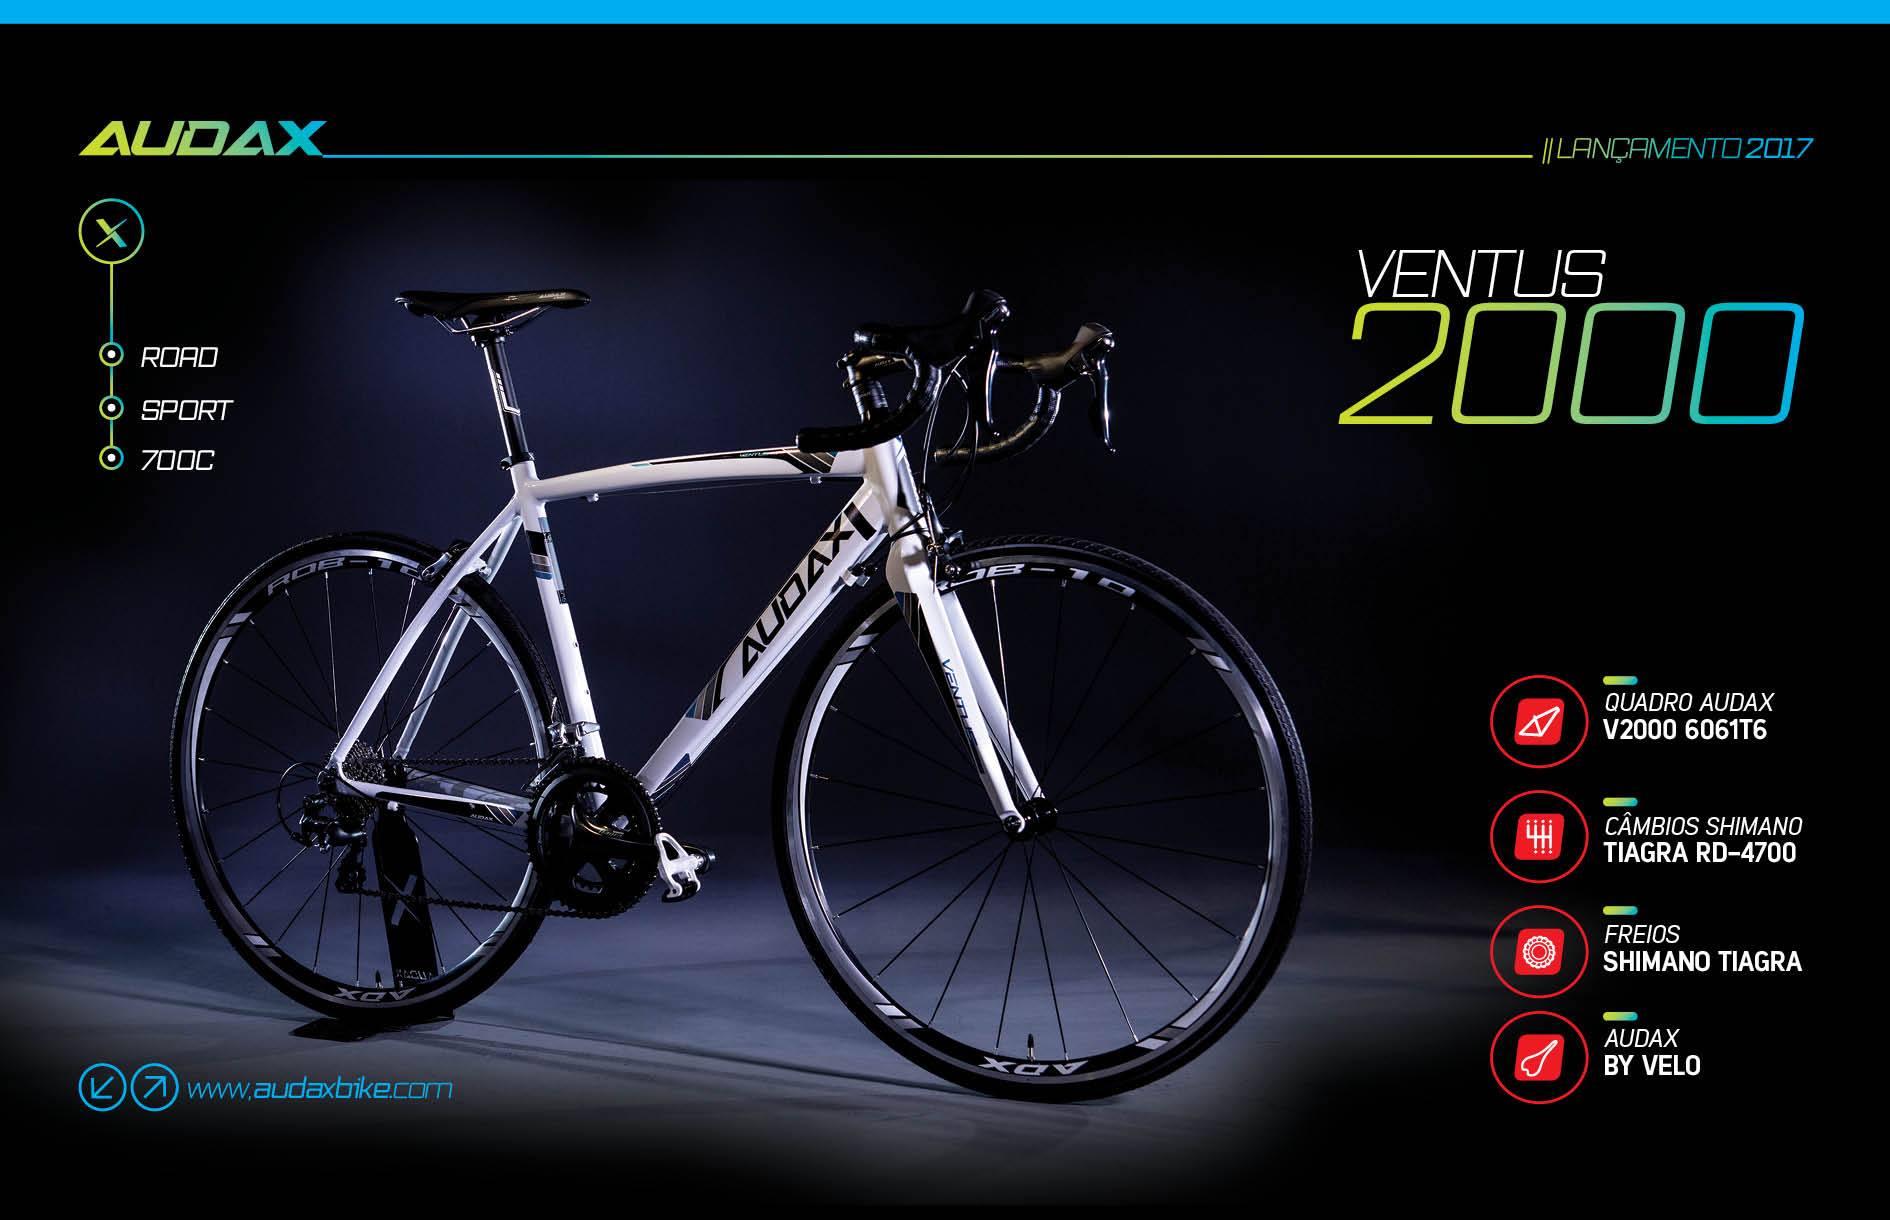 Audax Ventus 2000 Bike Speed versão 2017